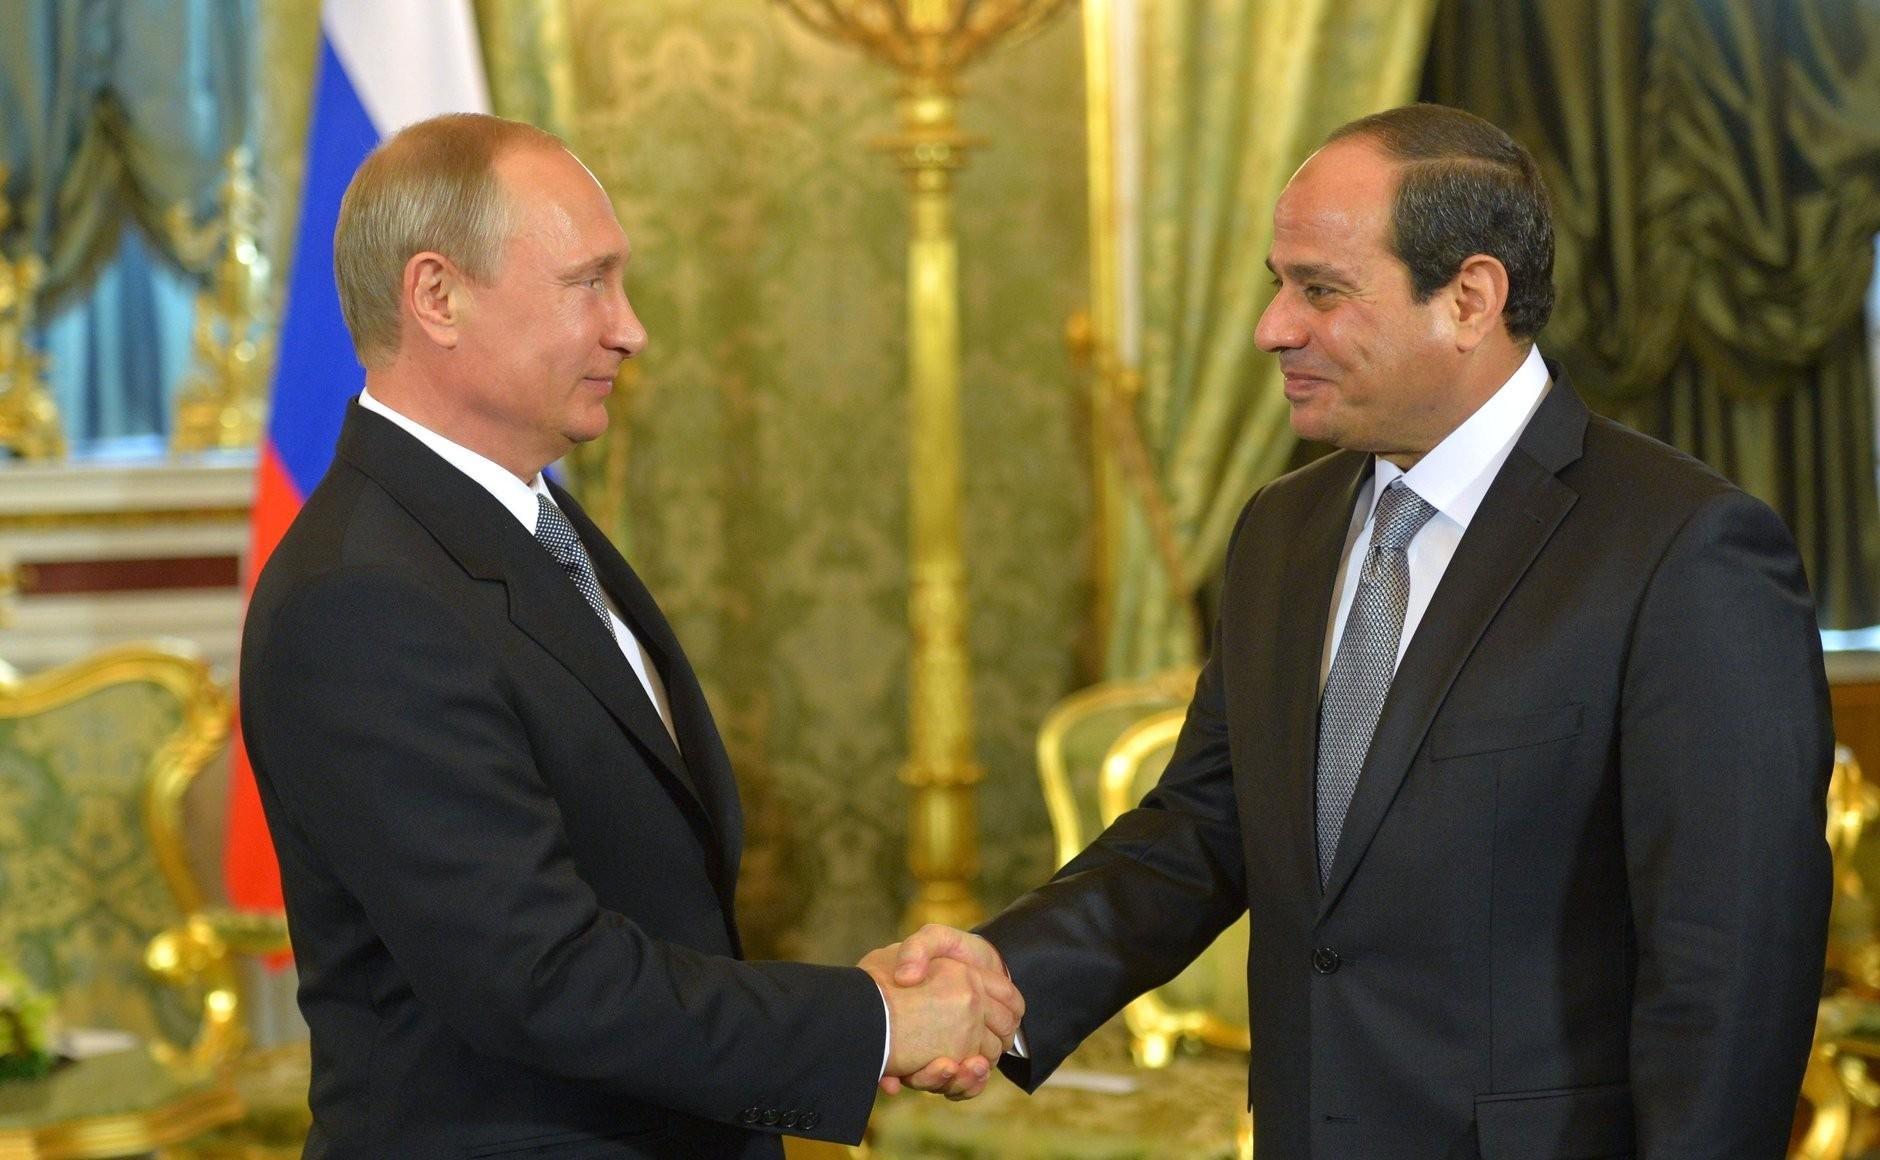 Rosjanie zbudują Egiptowi elektrownię atomową. Projekt przyspieszył